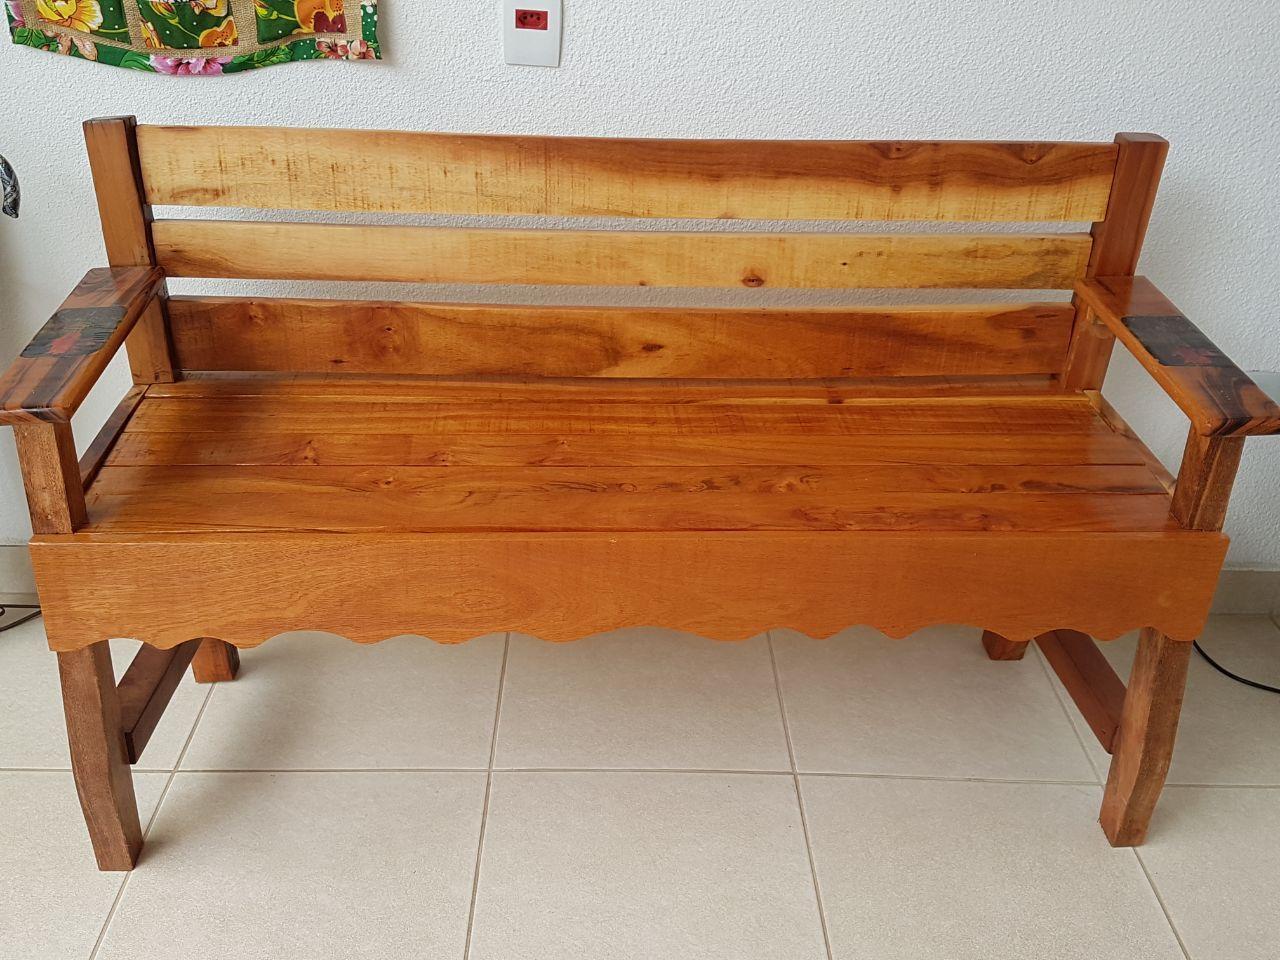 Sofa Pallet Com Imagens Decoracao De Casa Banquinho Rustico